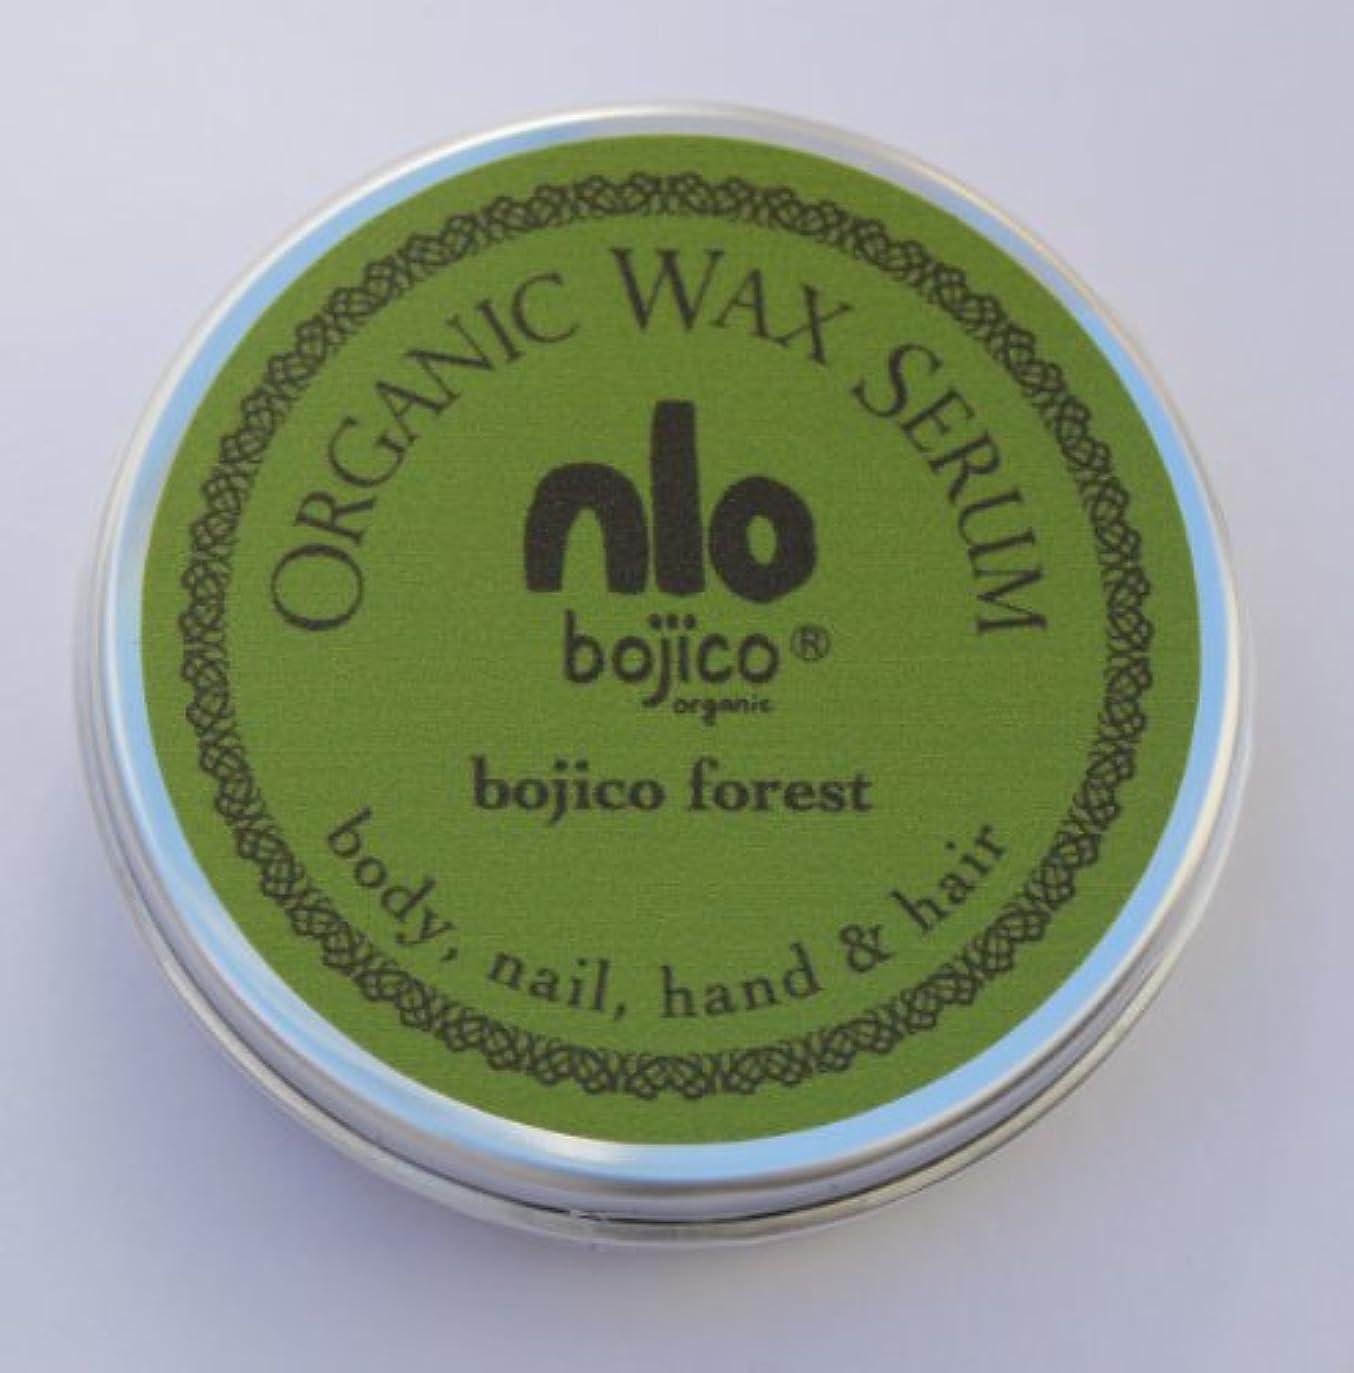 ファイル水曜日示すbojico オーガニック ワックス セラム<フォレスト> Organic Wax Serum 18g